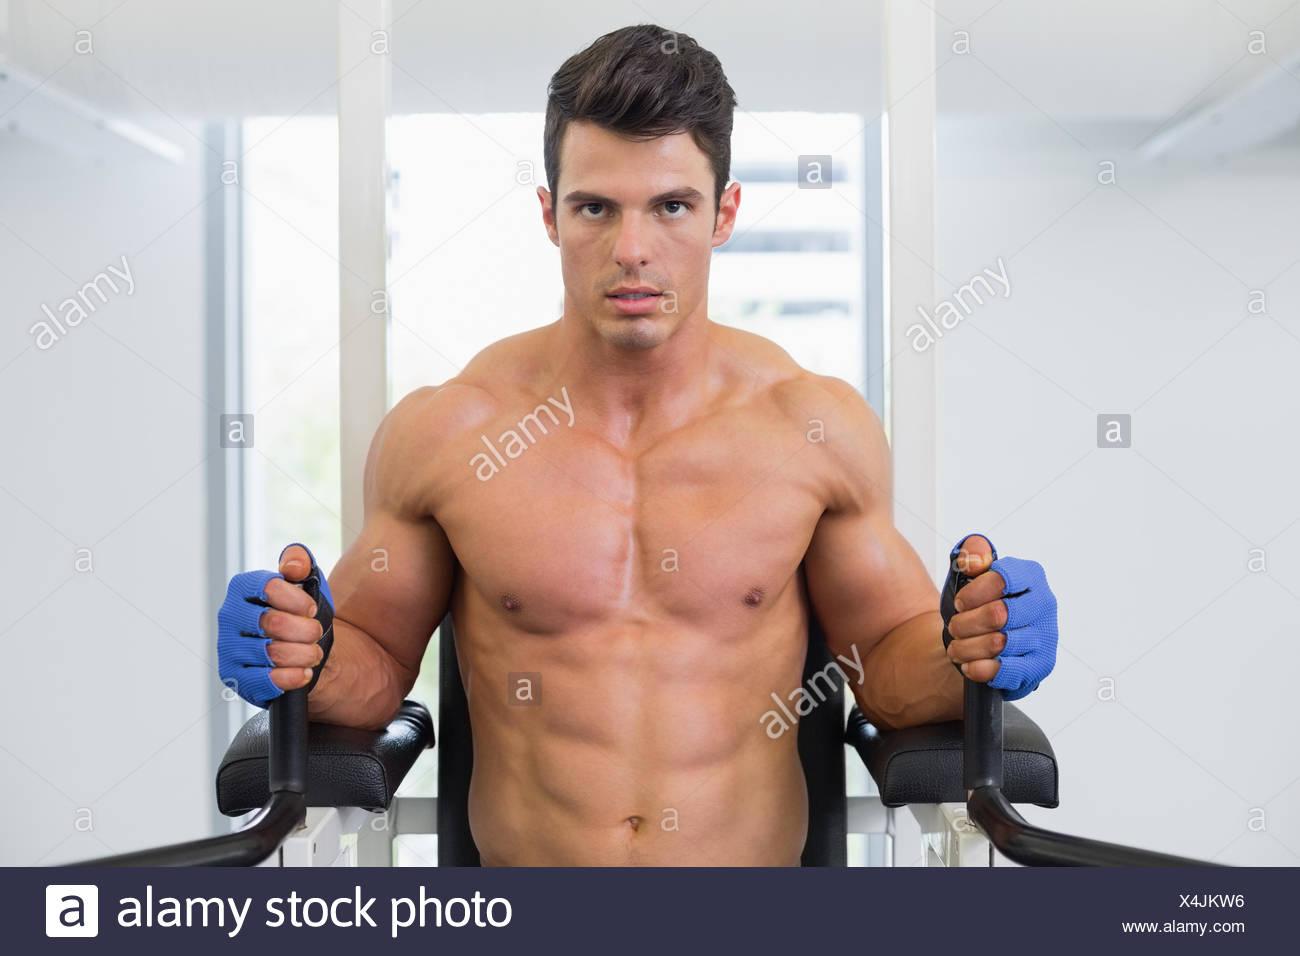 L'homme musclé faisant de l'exercice dans la salle de sport fitness crossfit Photo Stock